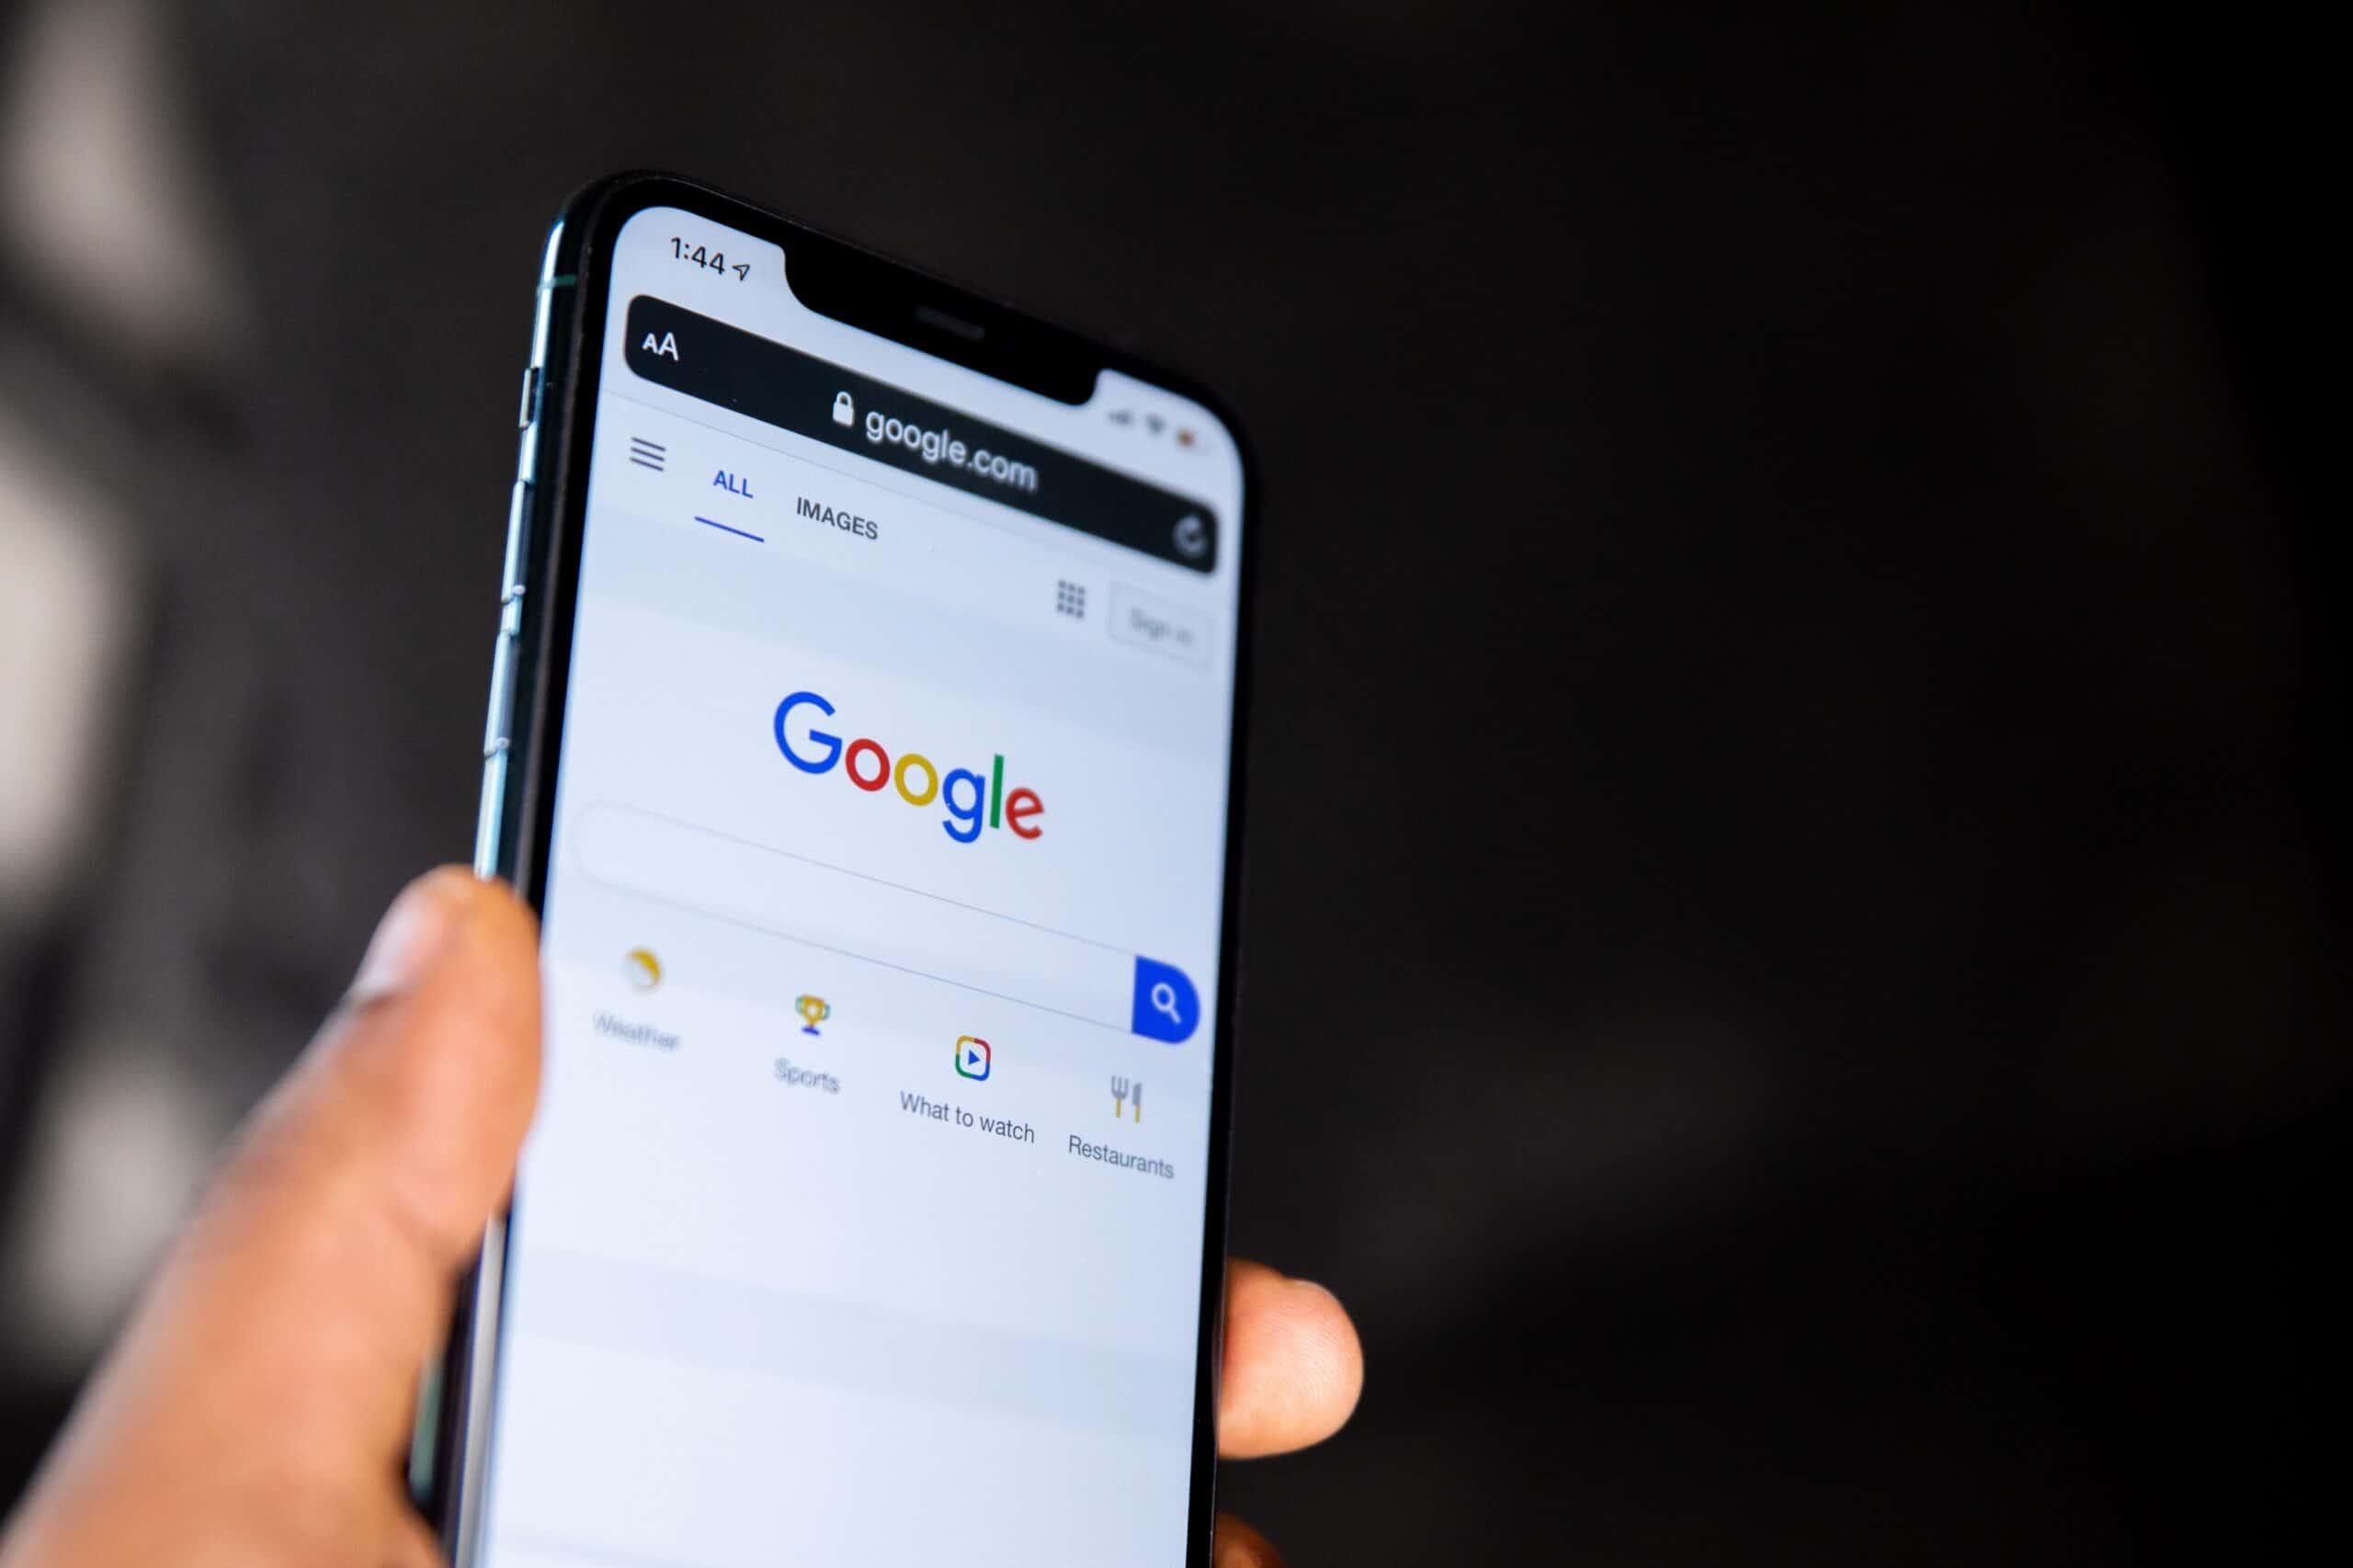 جوجل - بحث الجوال